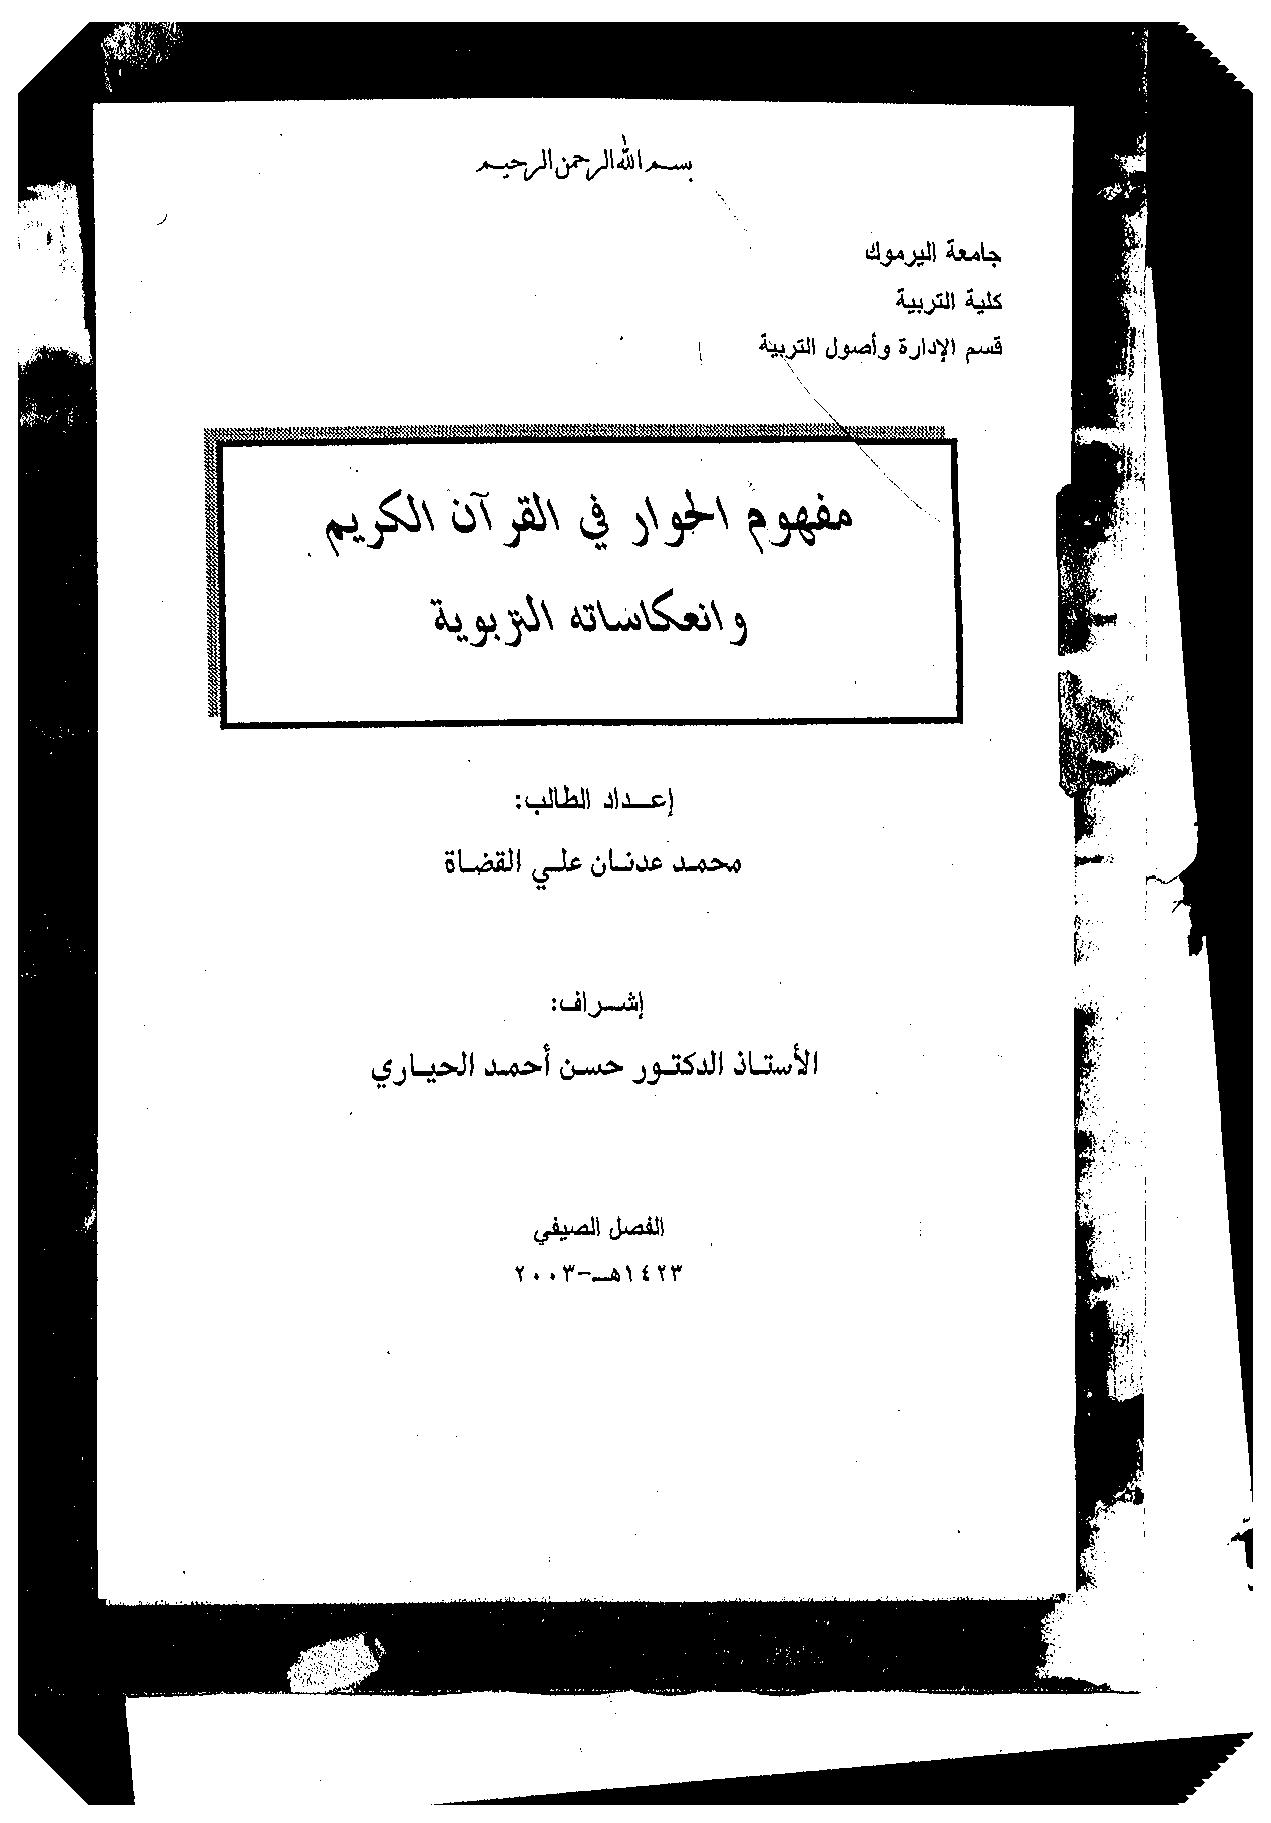 تحميل كتاب مفهوم الحوار في القرآن الكريم وانعكاساته التربوية لـِ: الدكتور محمد عدنان علي القضاة